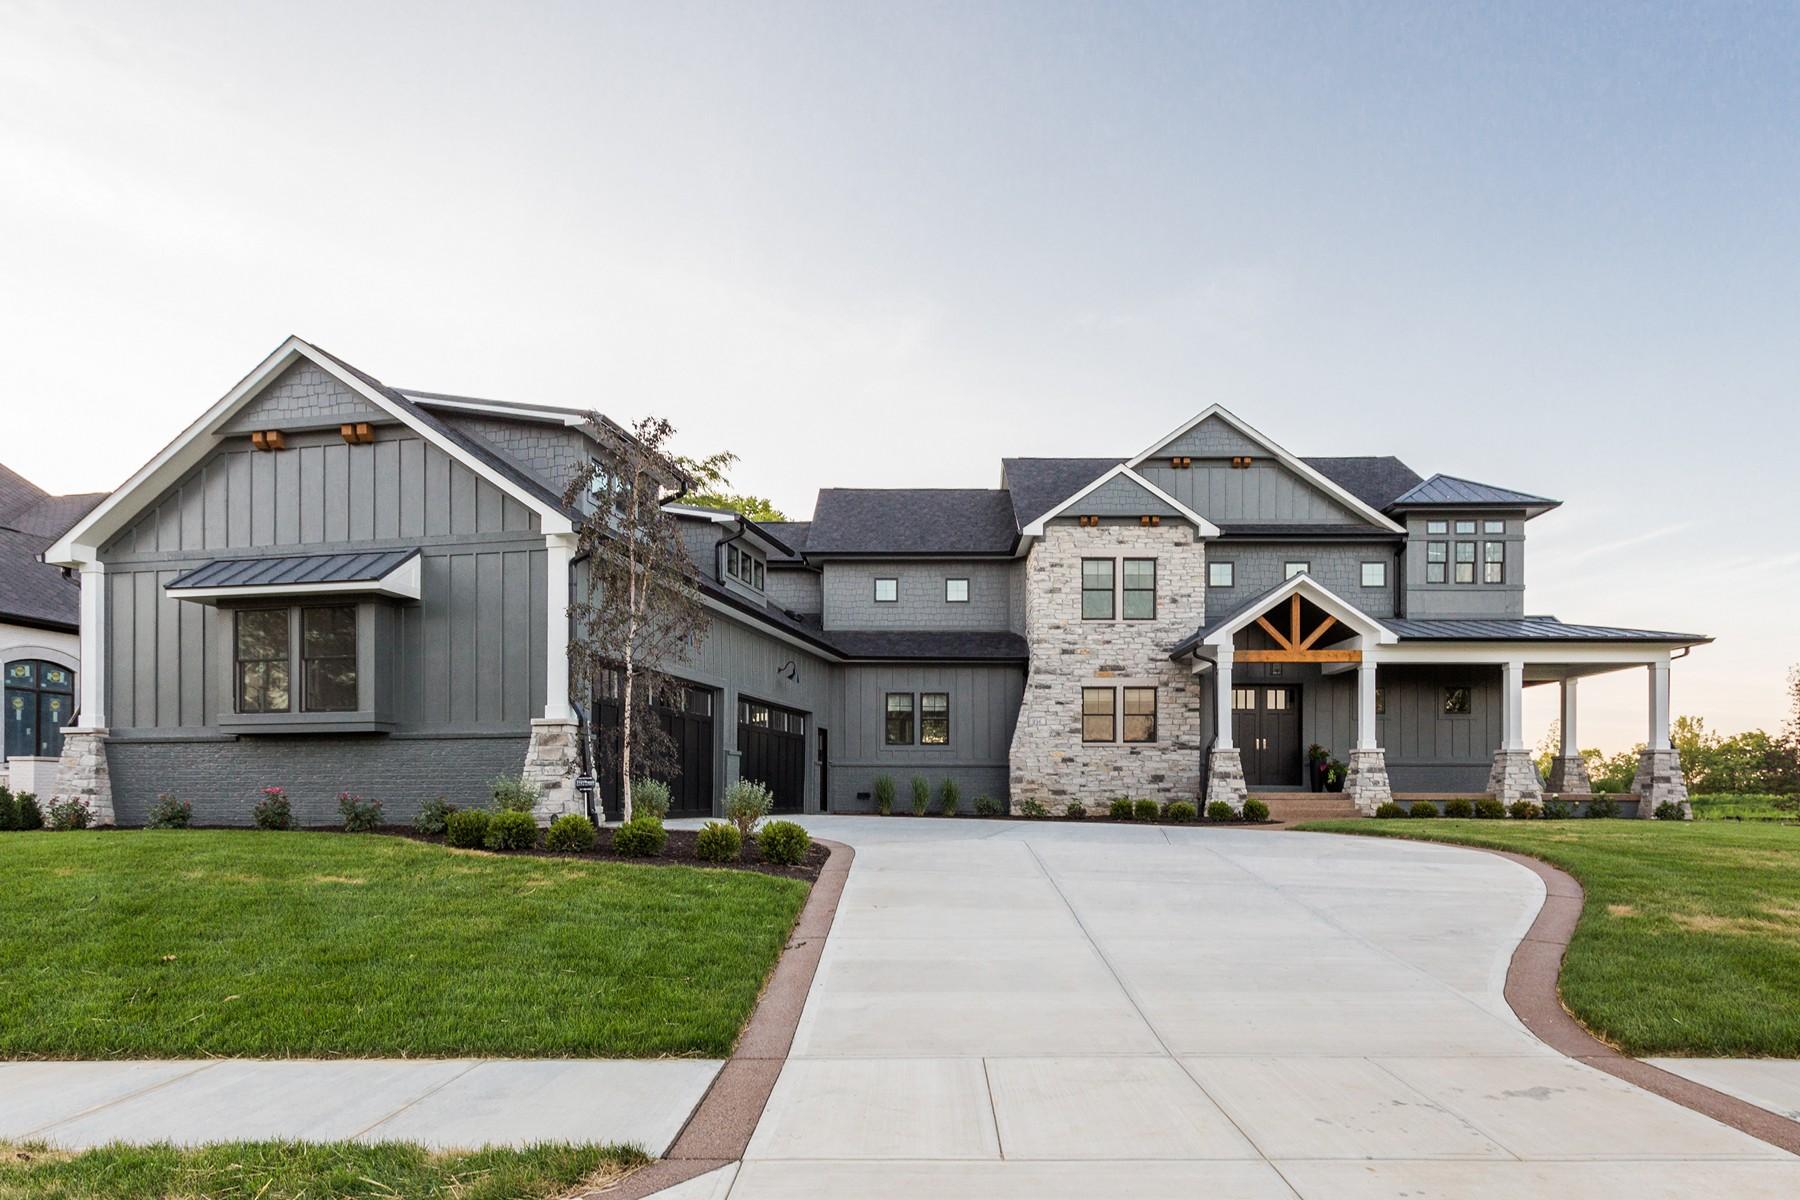 独户住宅 为 销售 在 2016 Peoples Choice Home-A-Rama 996 Chatham Hills Boulevard 韦斯特菲尔德, 印第安纳州, 46074 美国